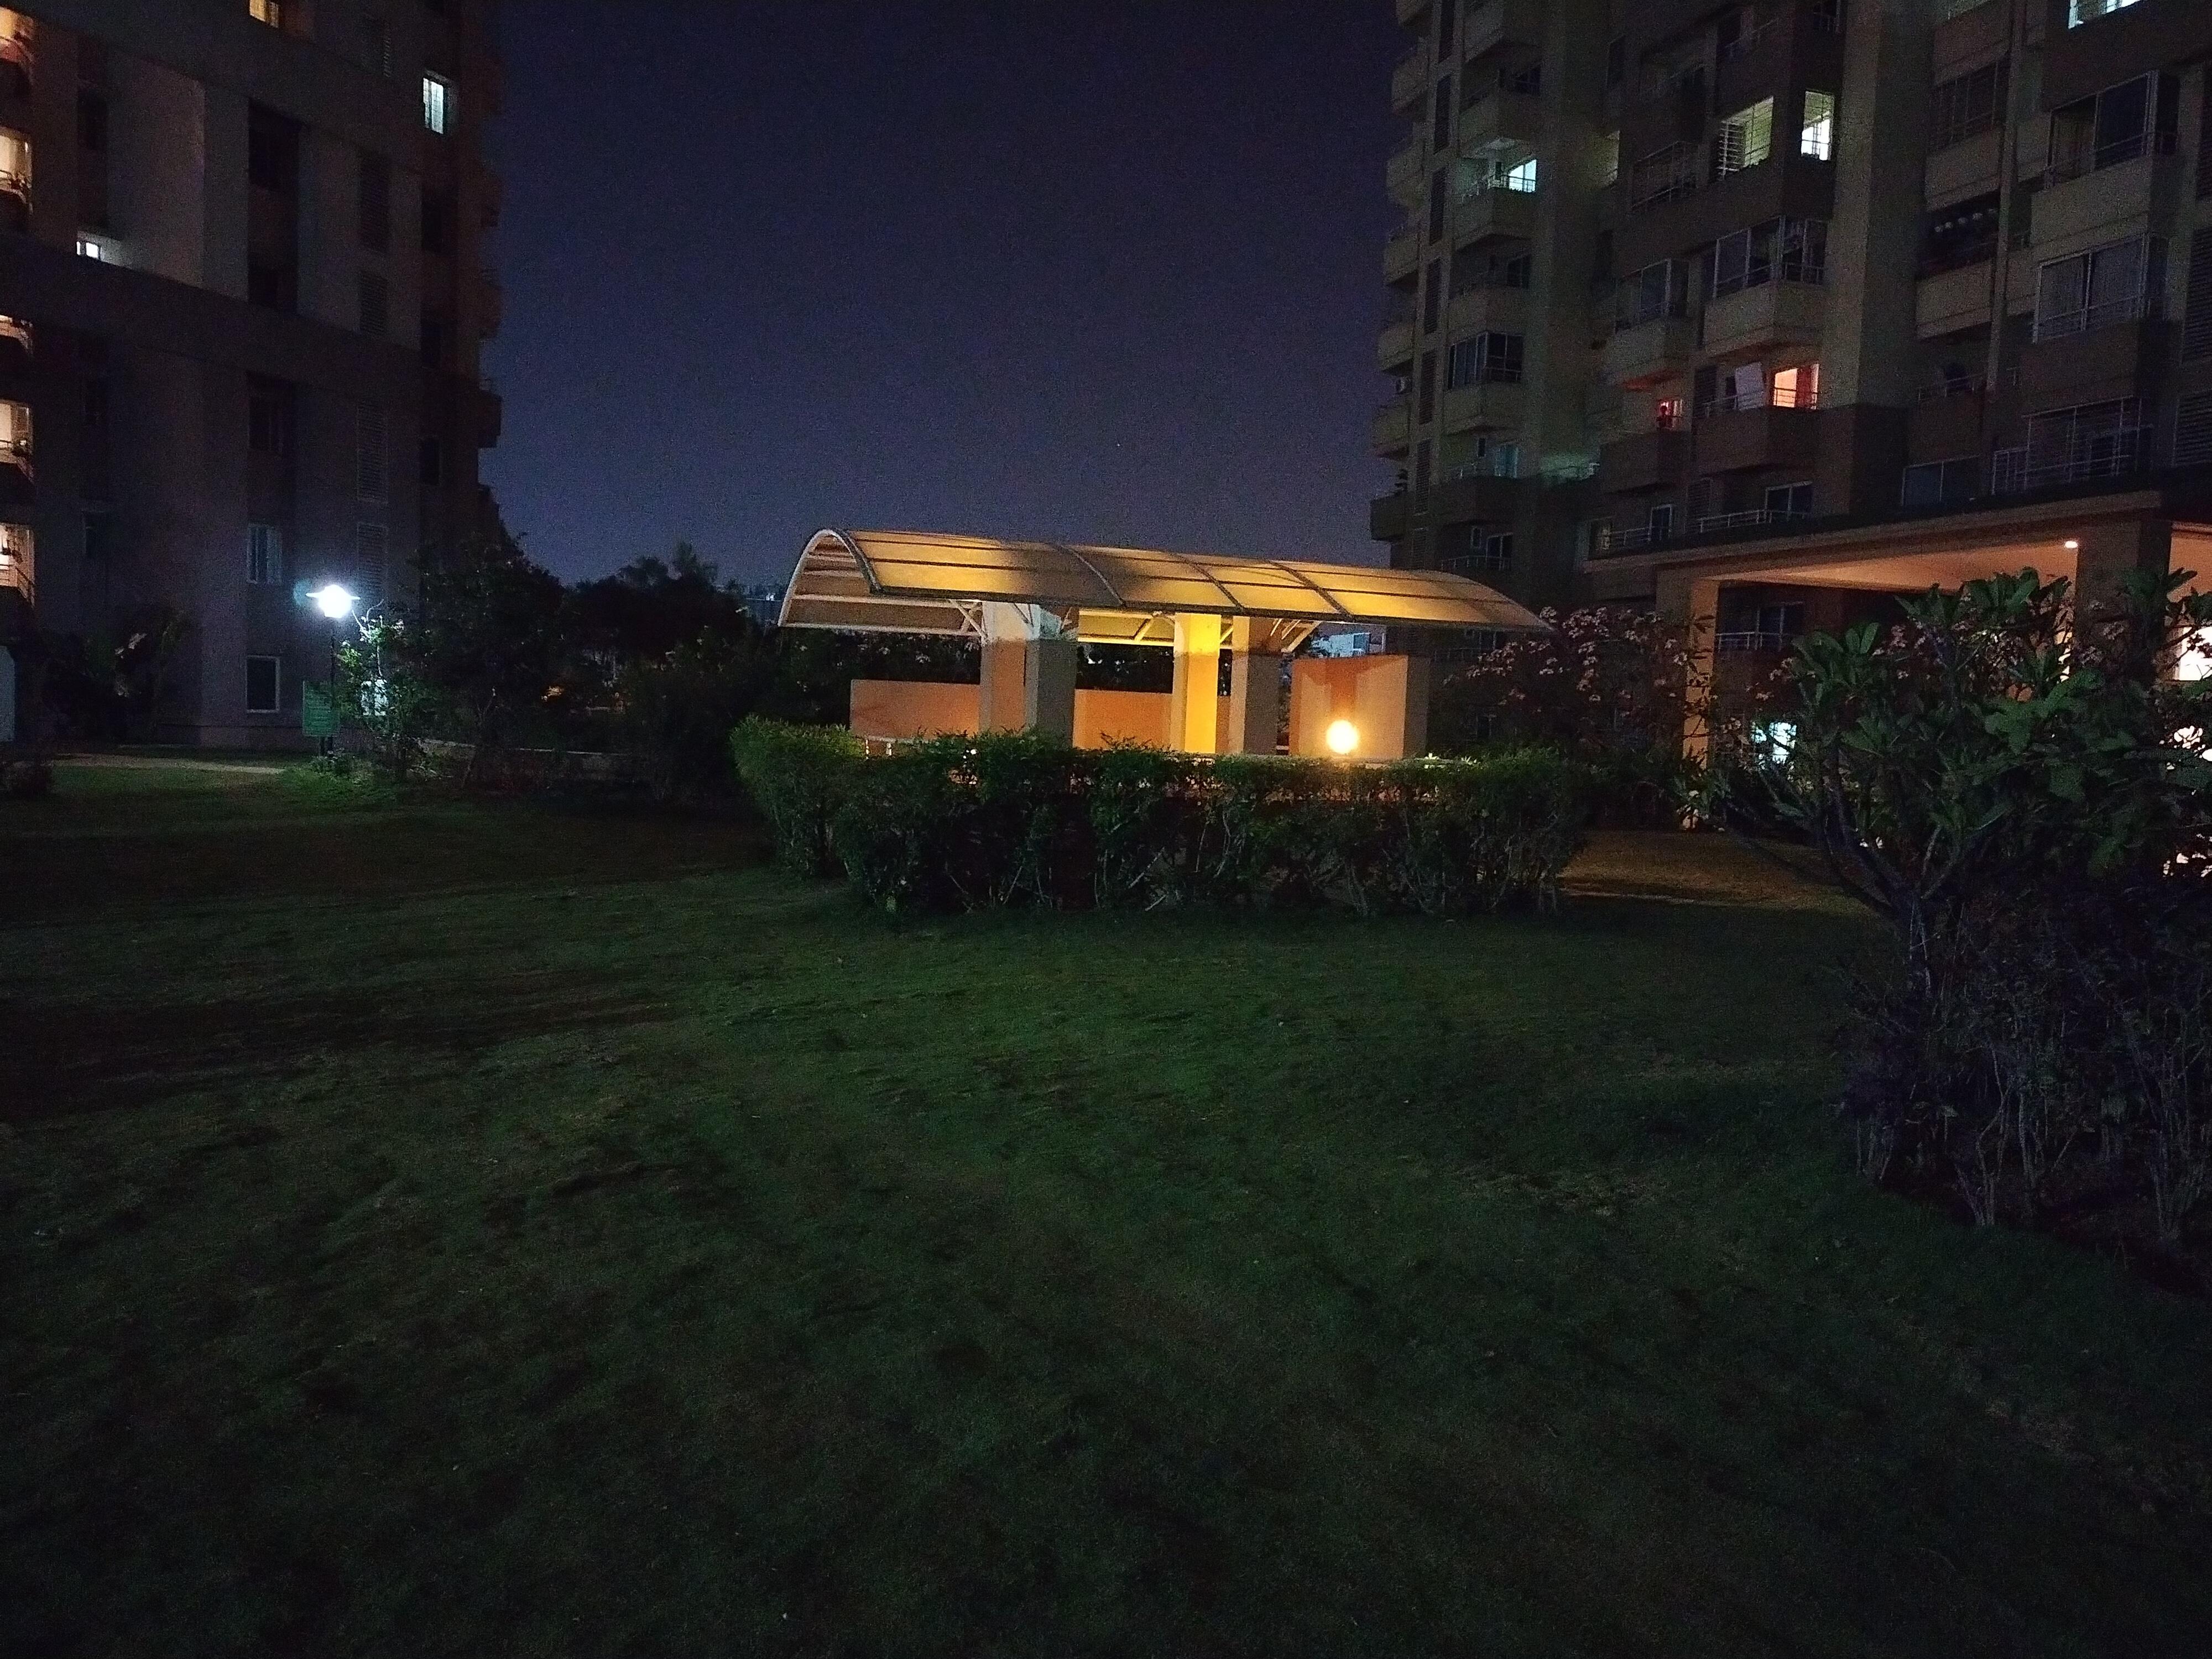 Nokia 5.4 camera low-light